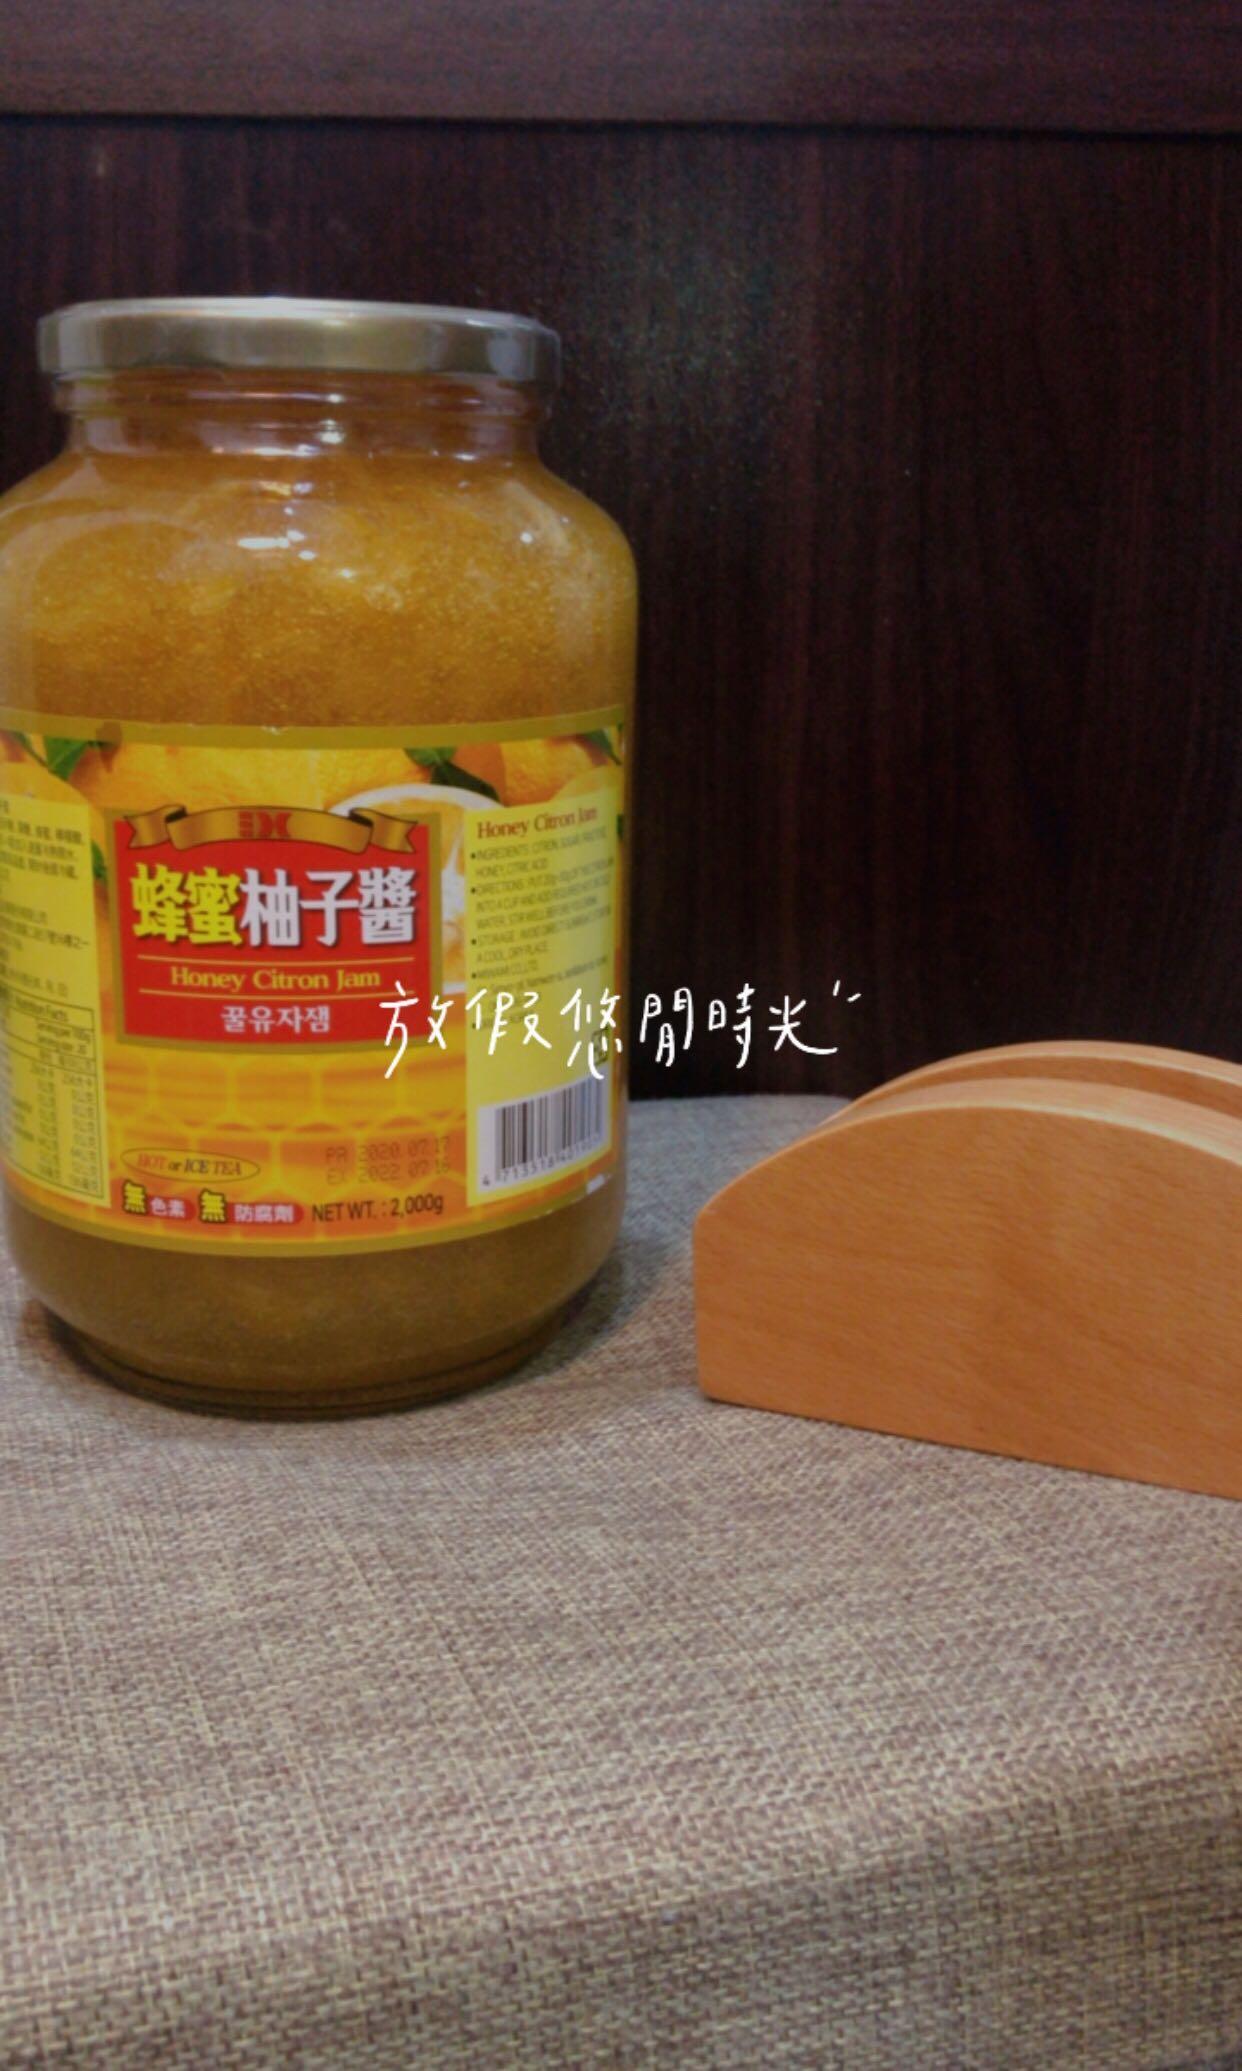 現貨 韓國🇰🇷蜂蜜柚子茶  2KG #韓國 #蜂蜜柚子茶 #熱飲 #冷飲#果醬#無防腐劑#無色素